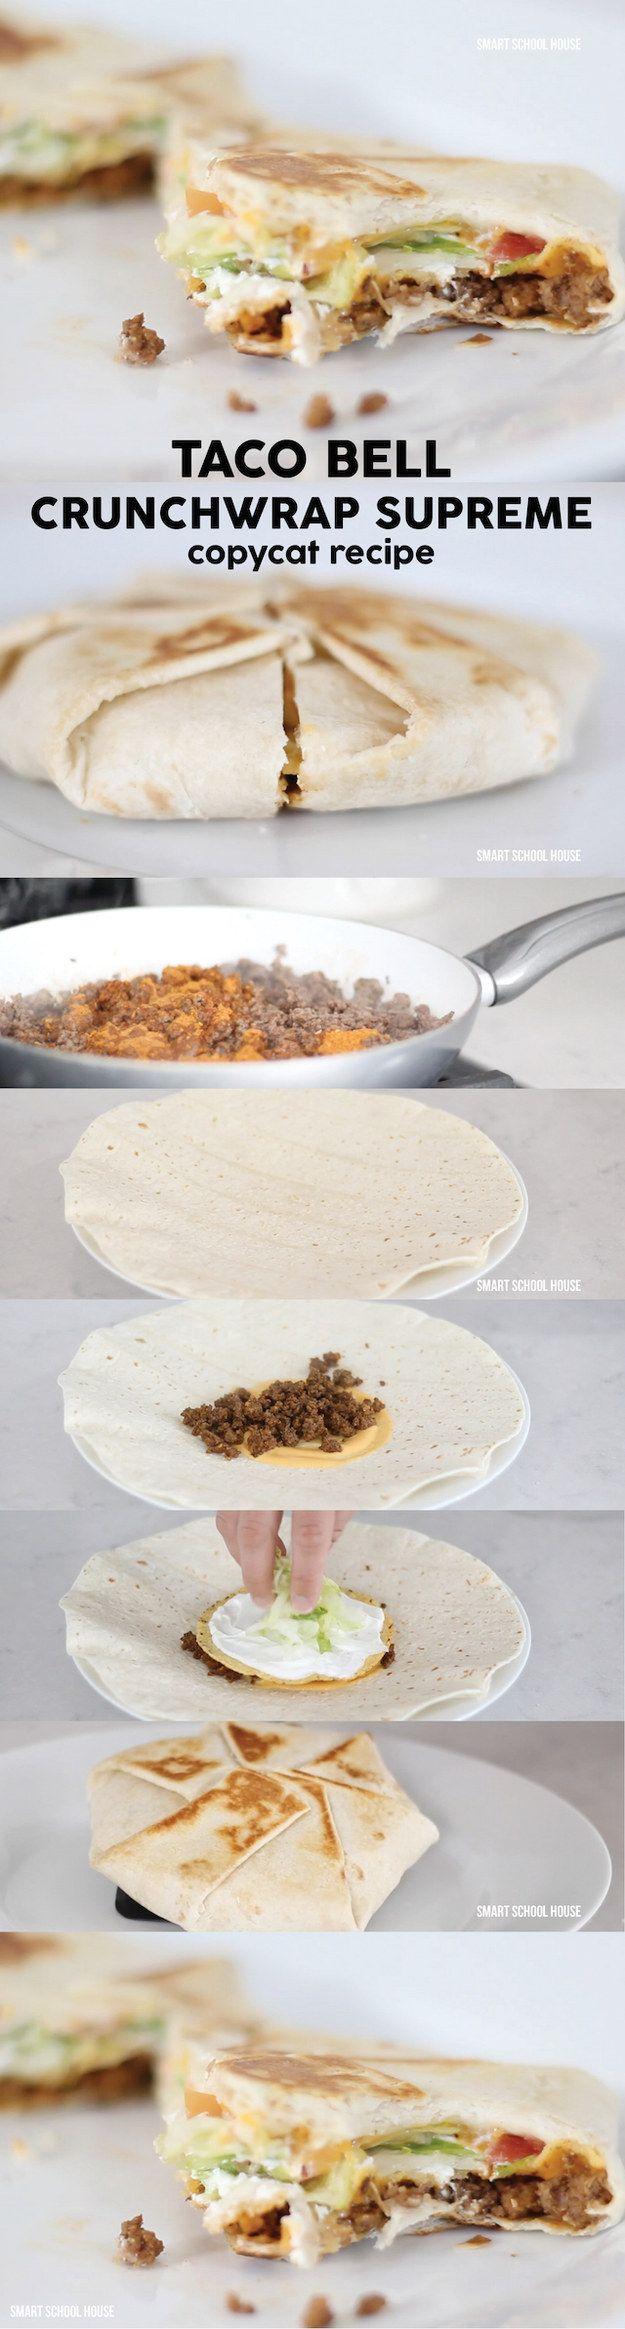 Una tortilla crujiente al estilo de Taco Bell. | 16 Deliciosas recetas con Doritos que te harán agua la boca